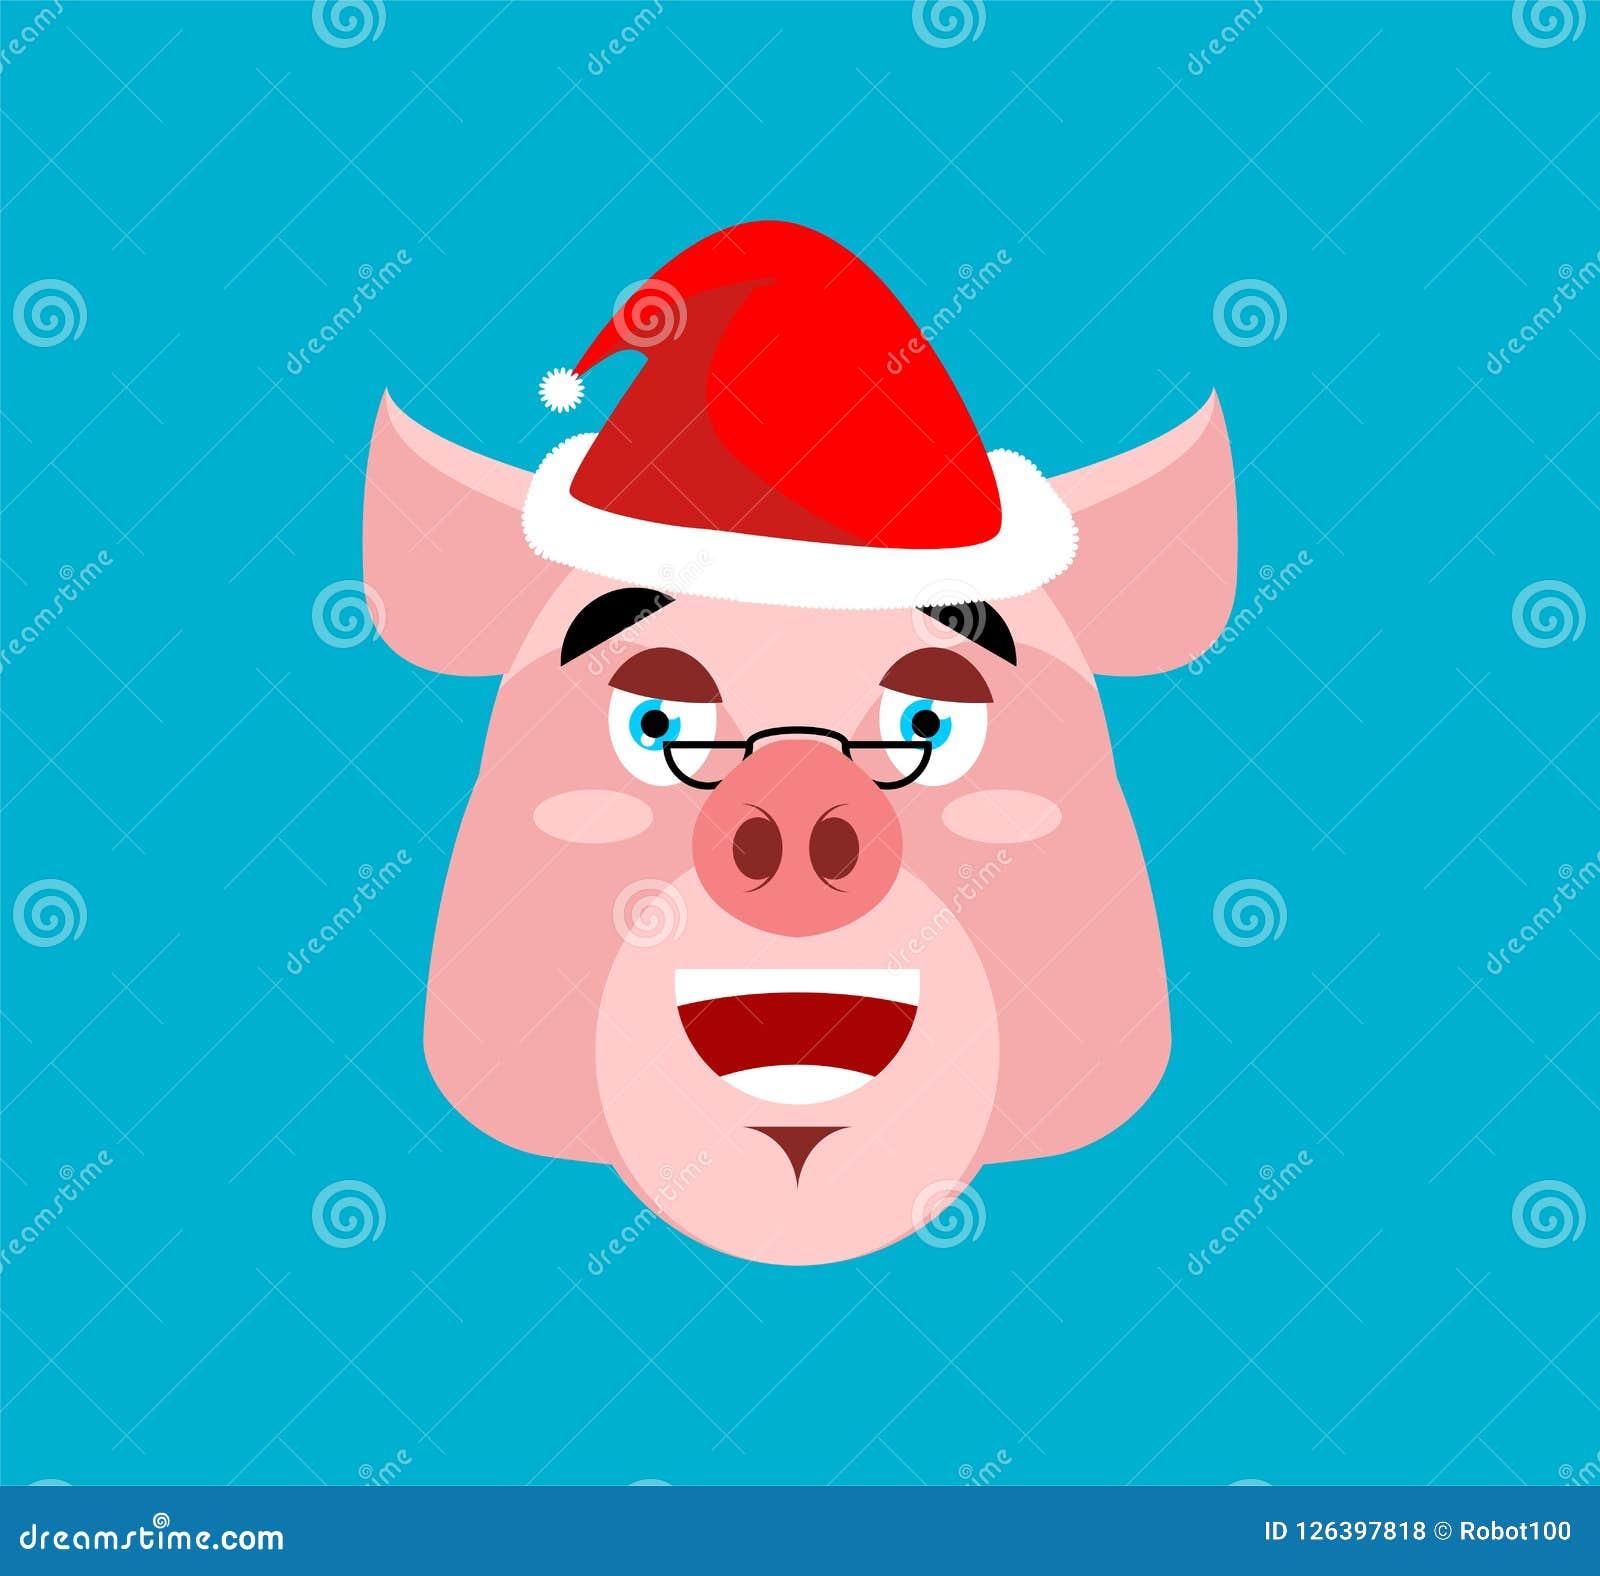 Risa Emoji De Santa Pig Cara Guarra Alegre Avatares De La